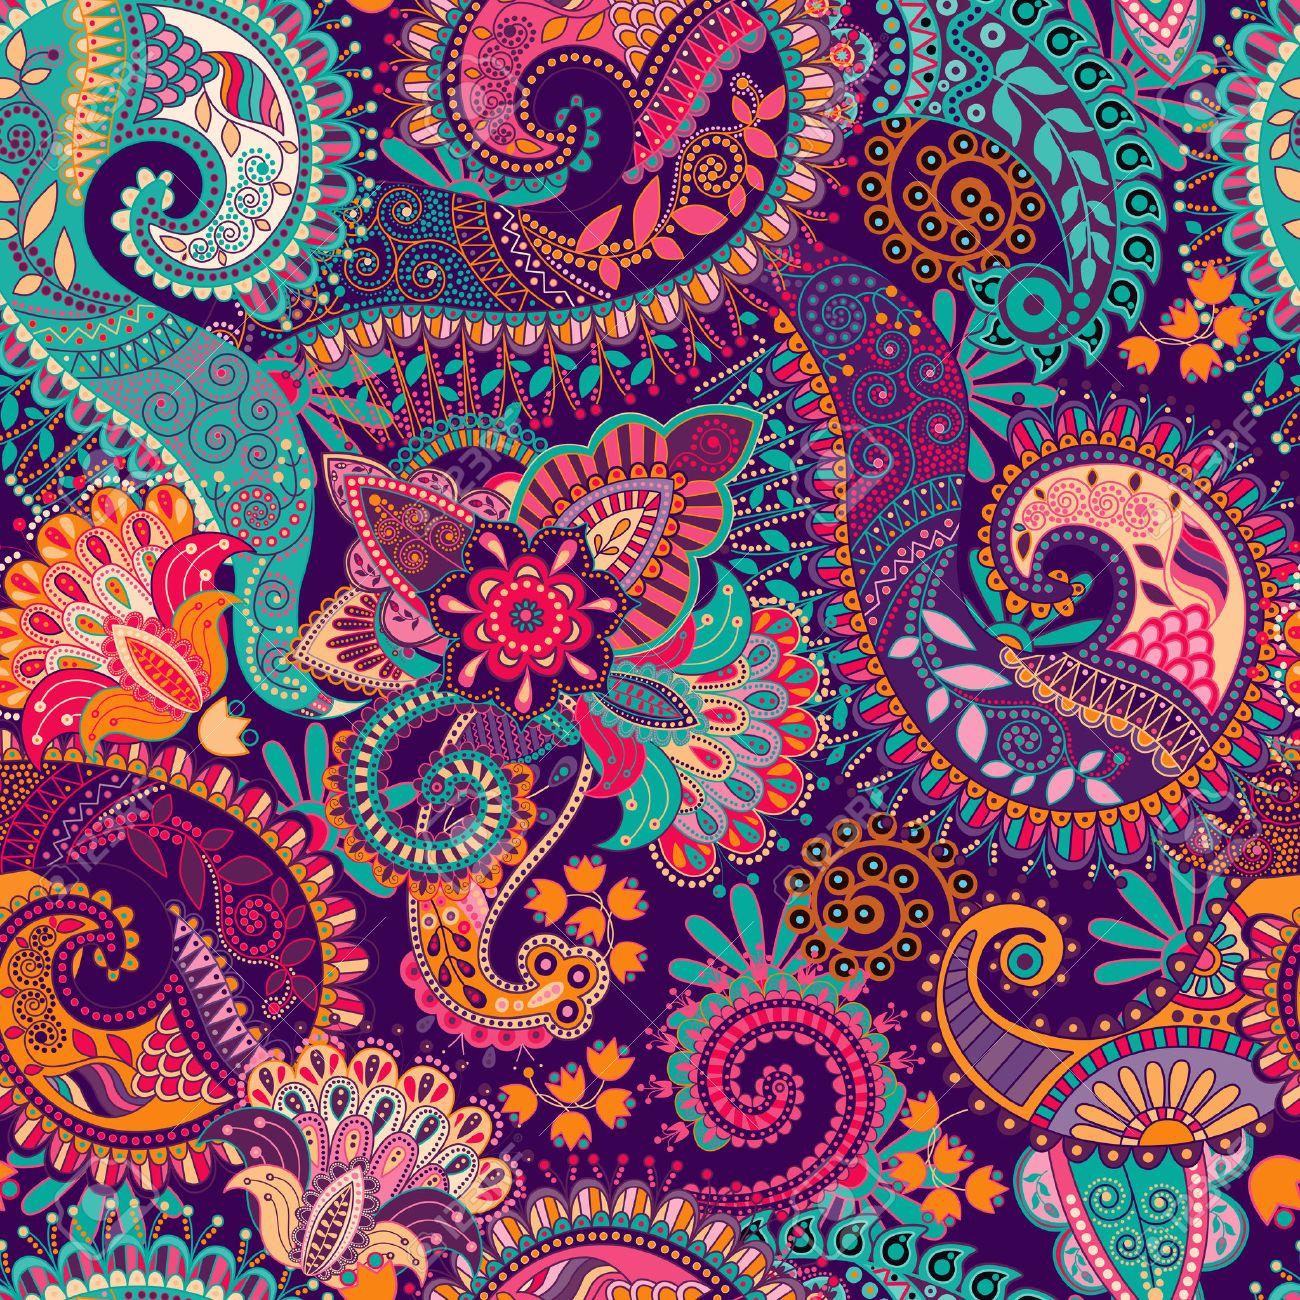 シームレスなペイズリー柄 花柄の壁紙 ファンタジー背景のイラスト